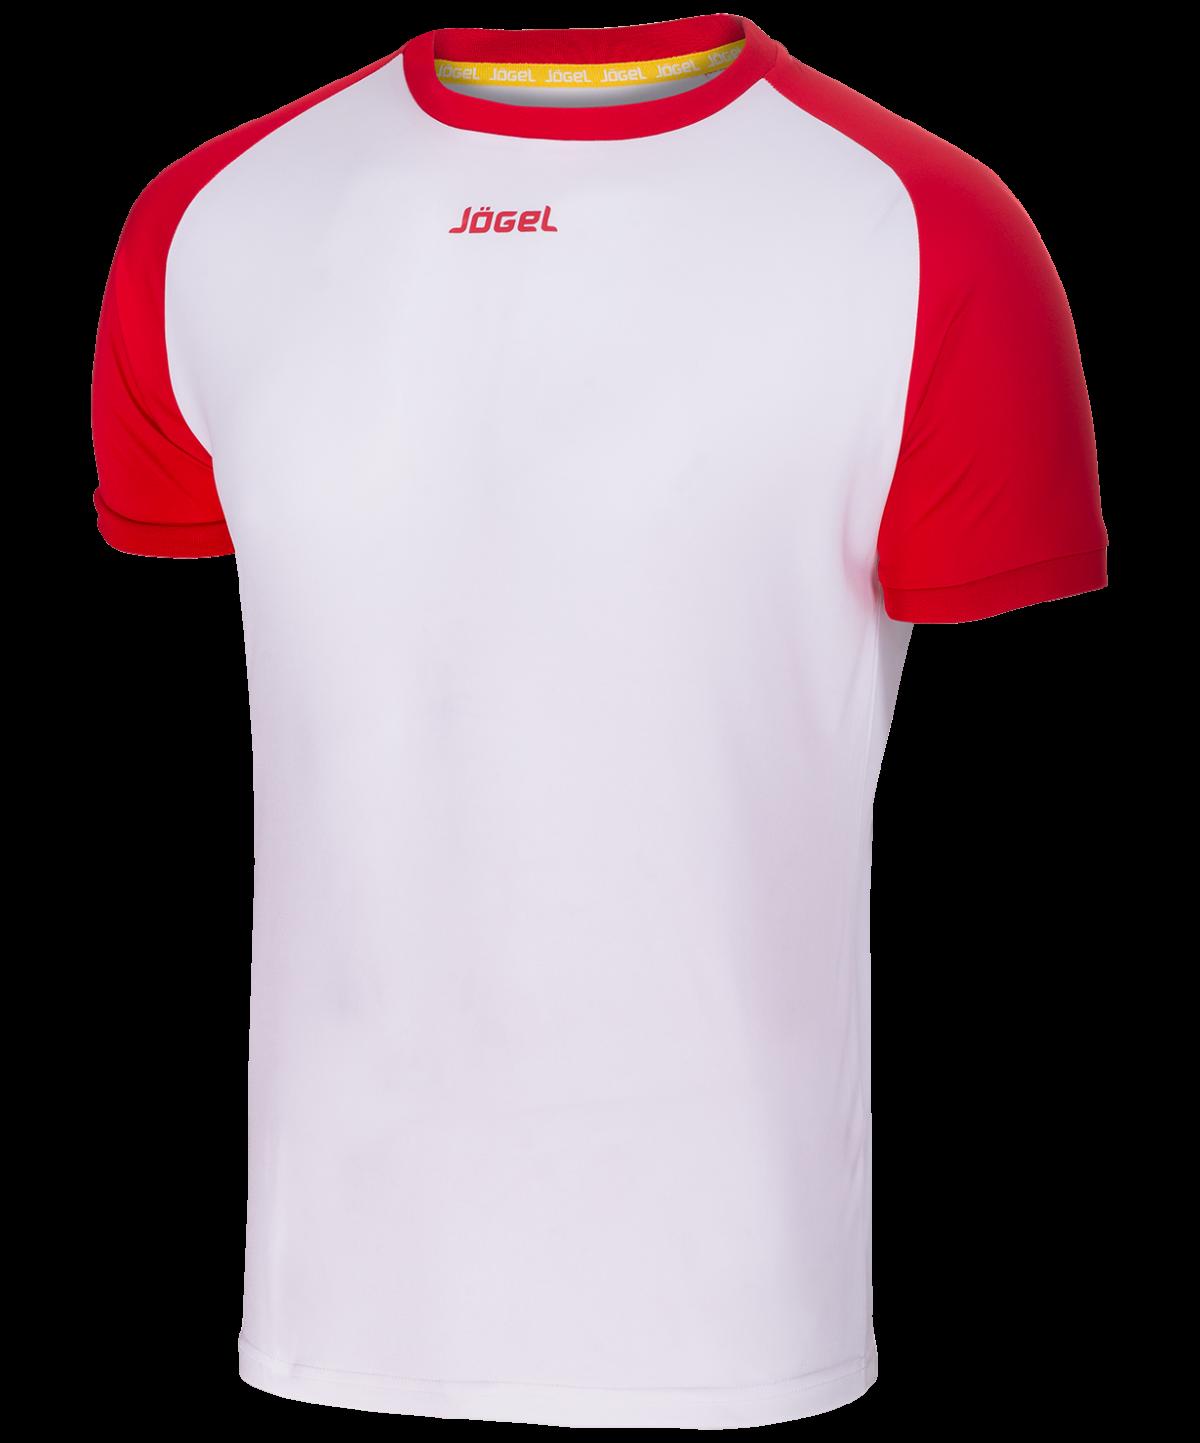 JOGEL Футболка футбольная, белый/красный   JFT-1011-012 - 5